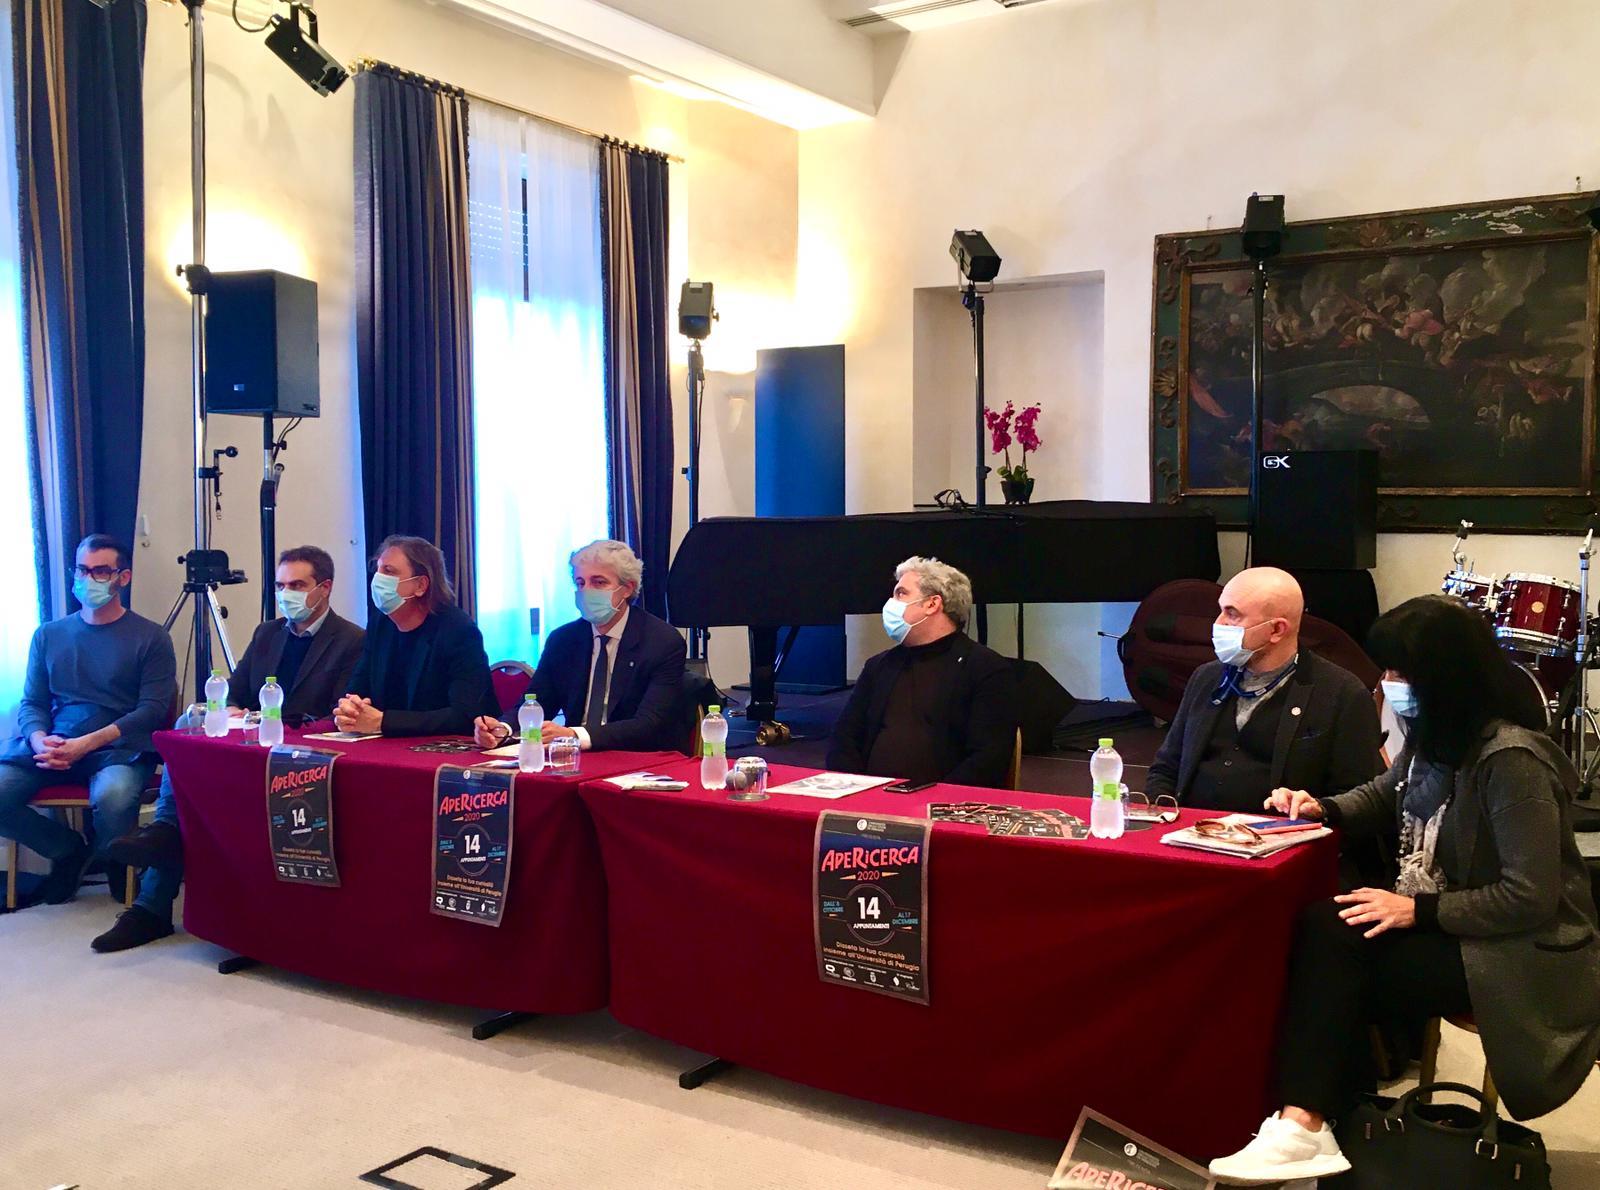 apericerca 2020 - conferenza stampa